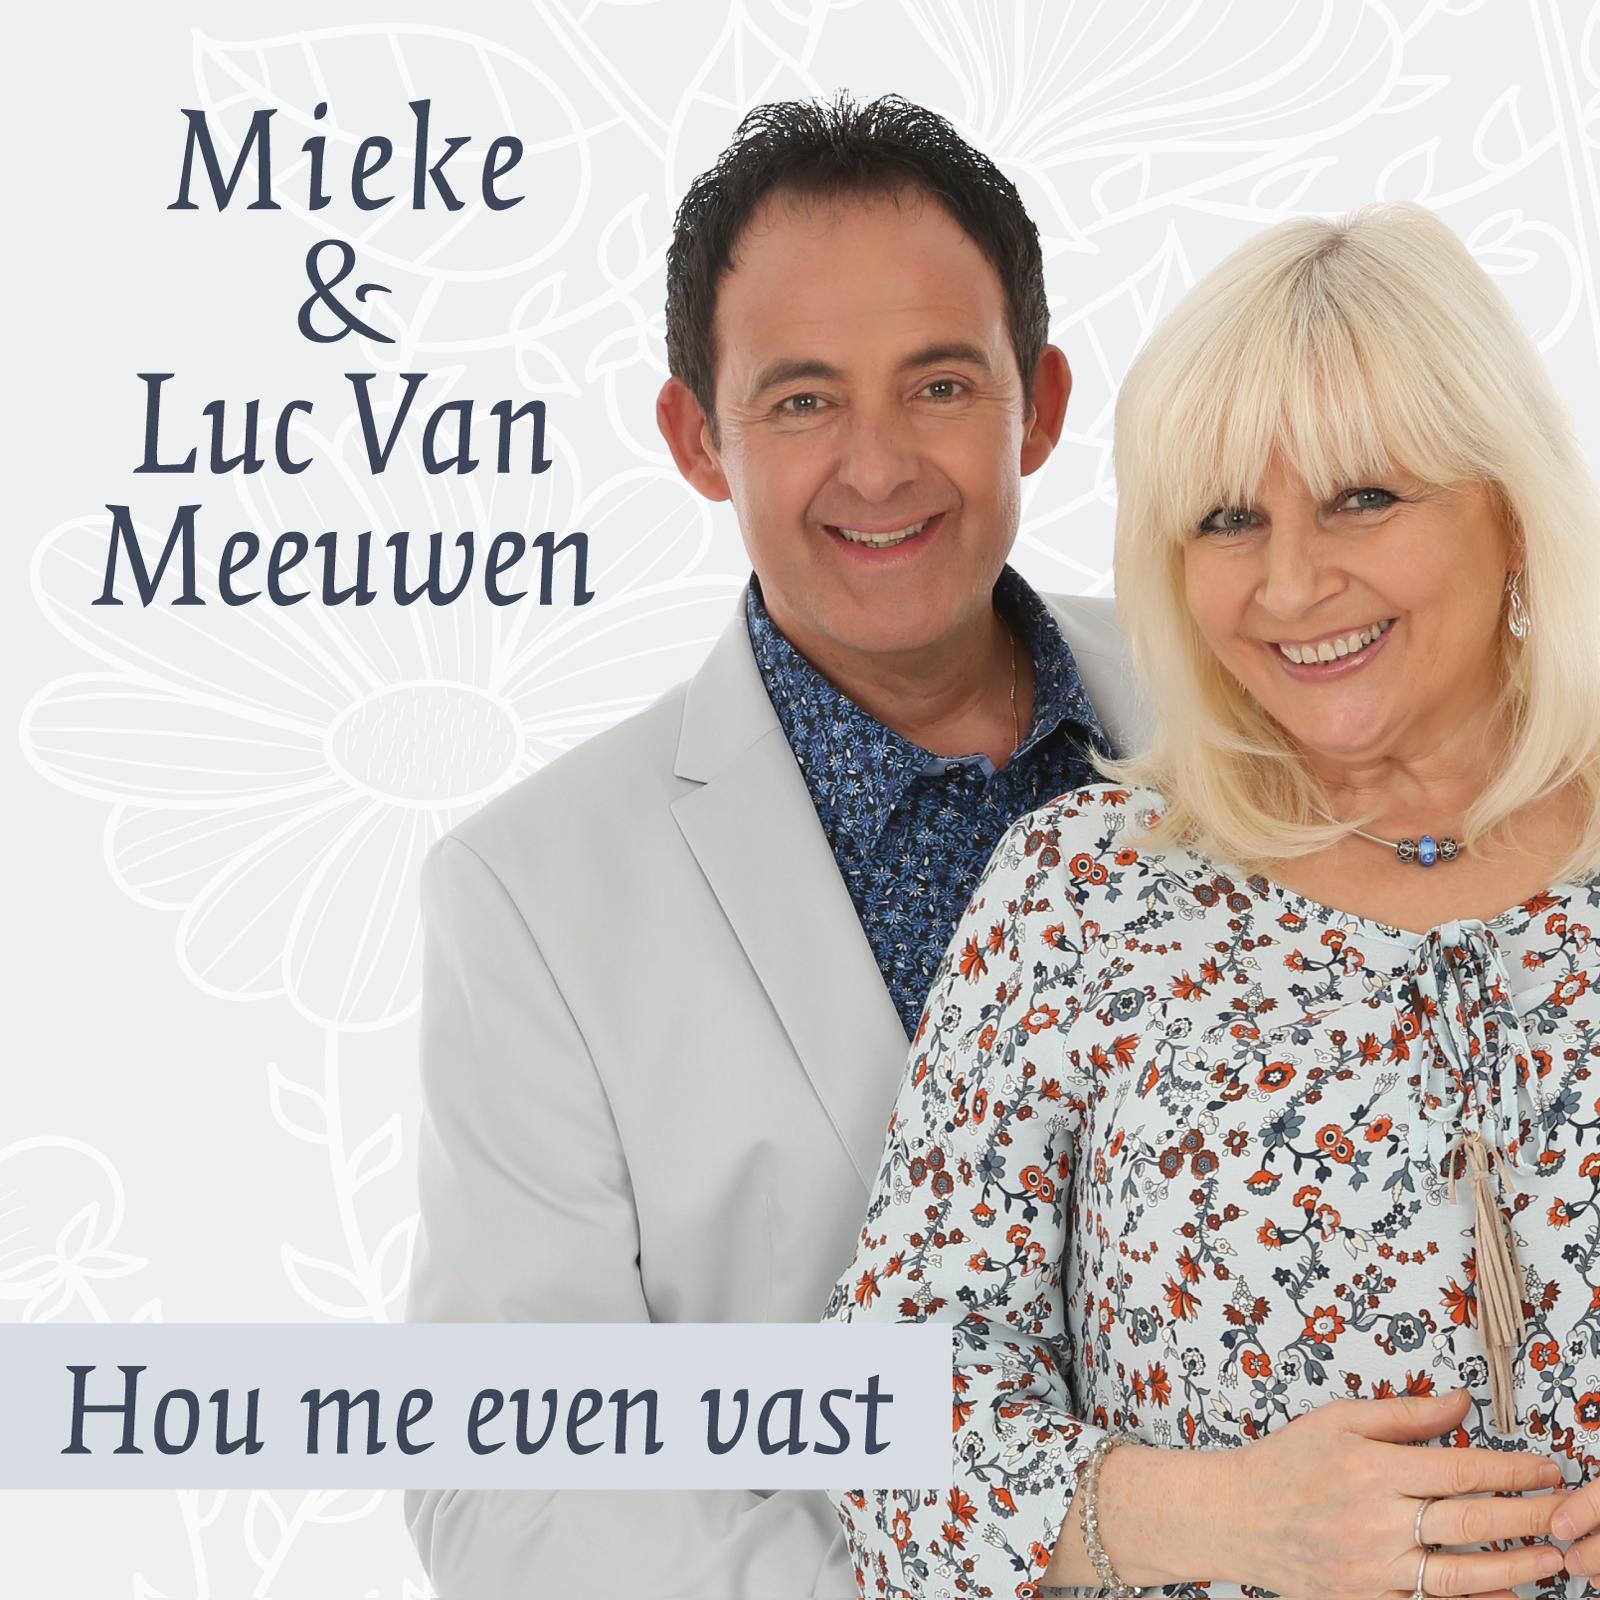 Volle maan, een sterrenhemel - Mieke en Luc Van Meeuwen